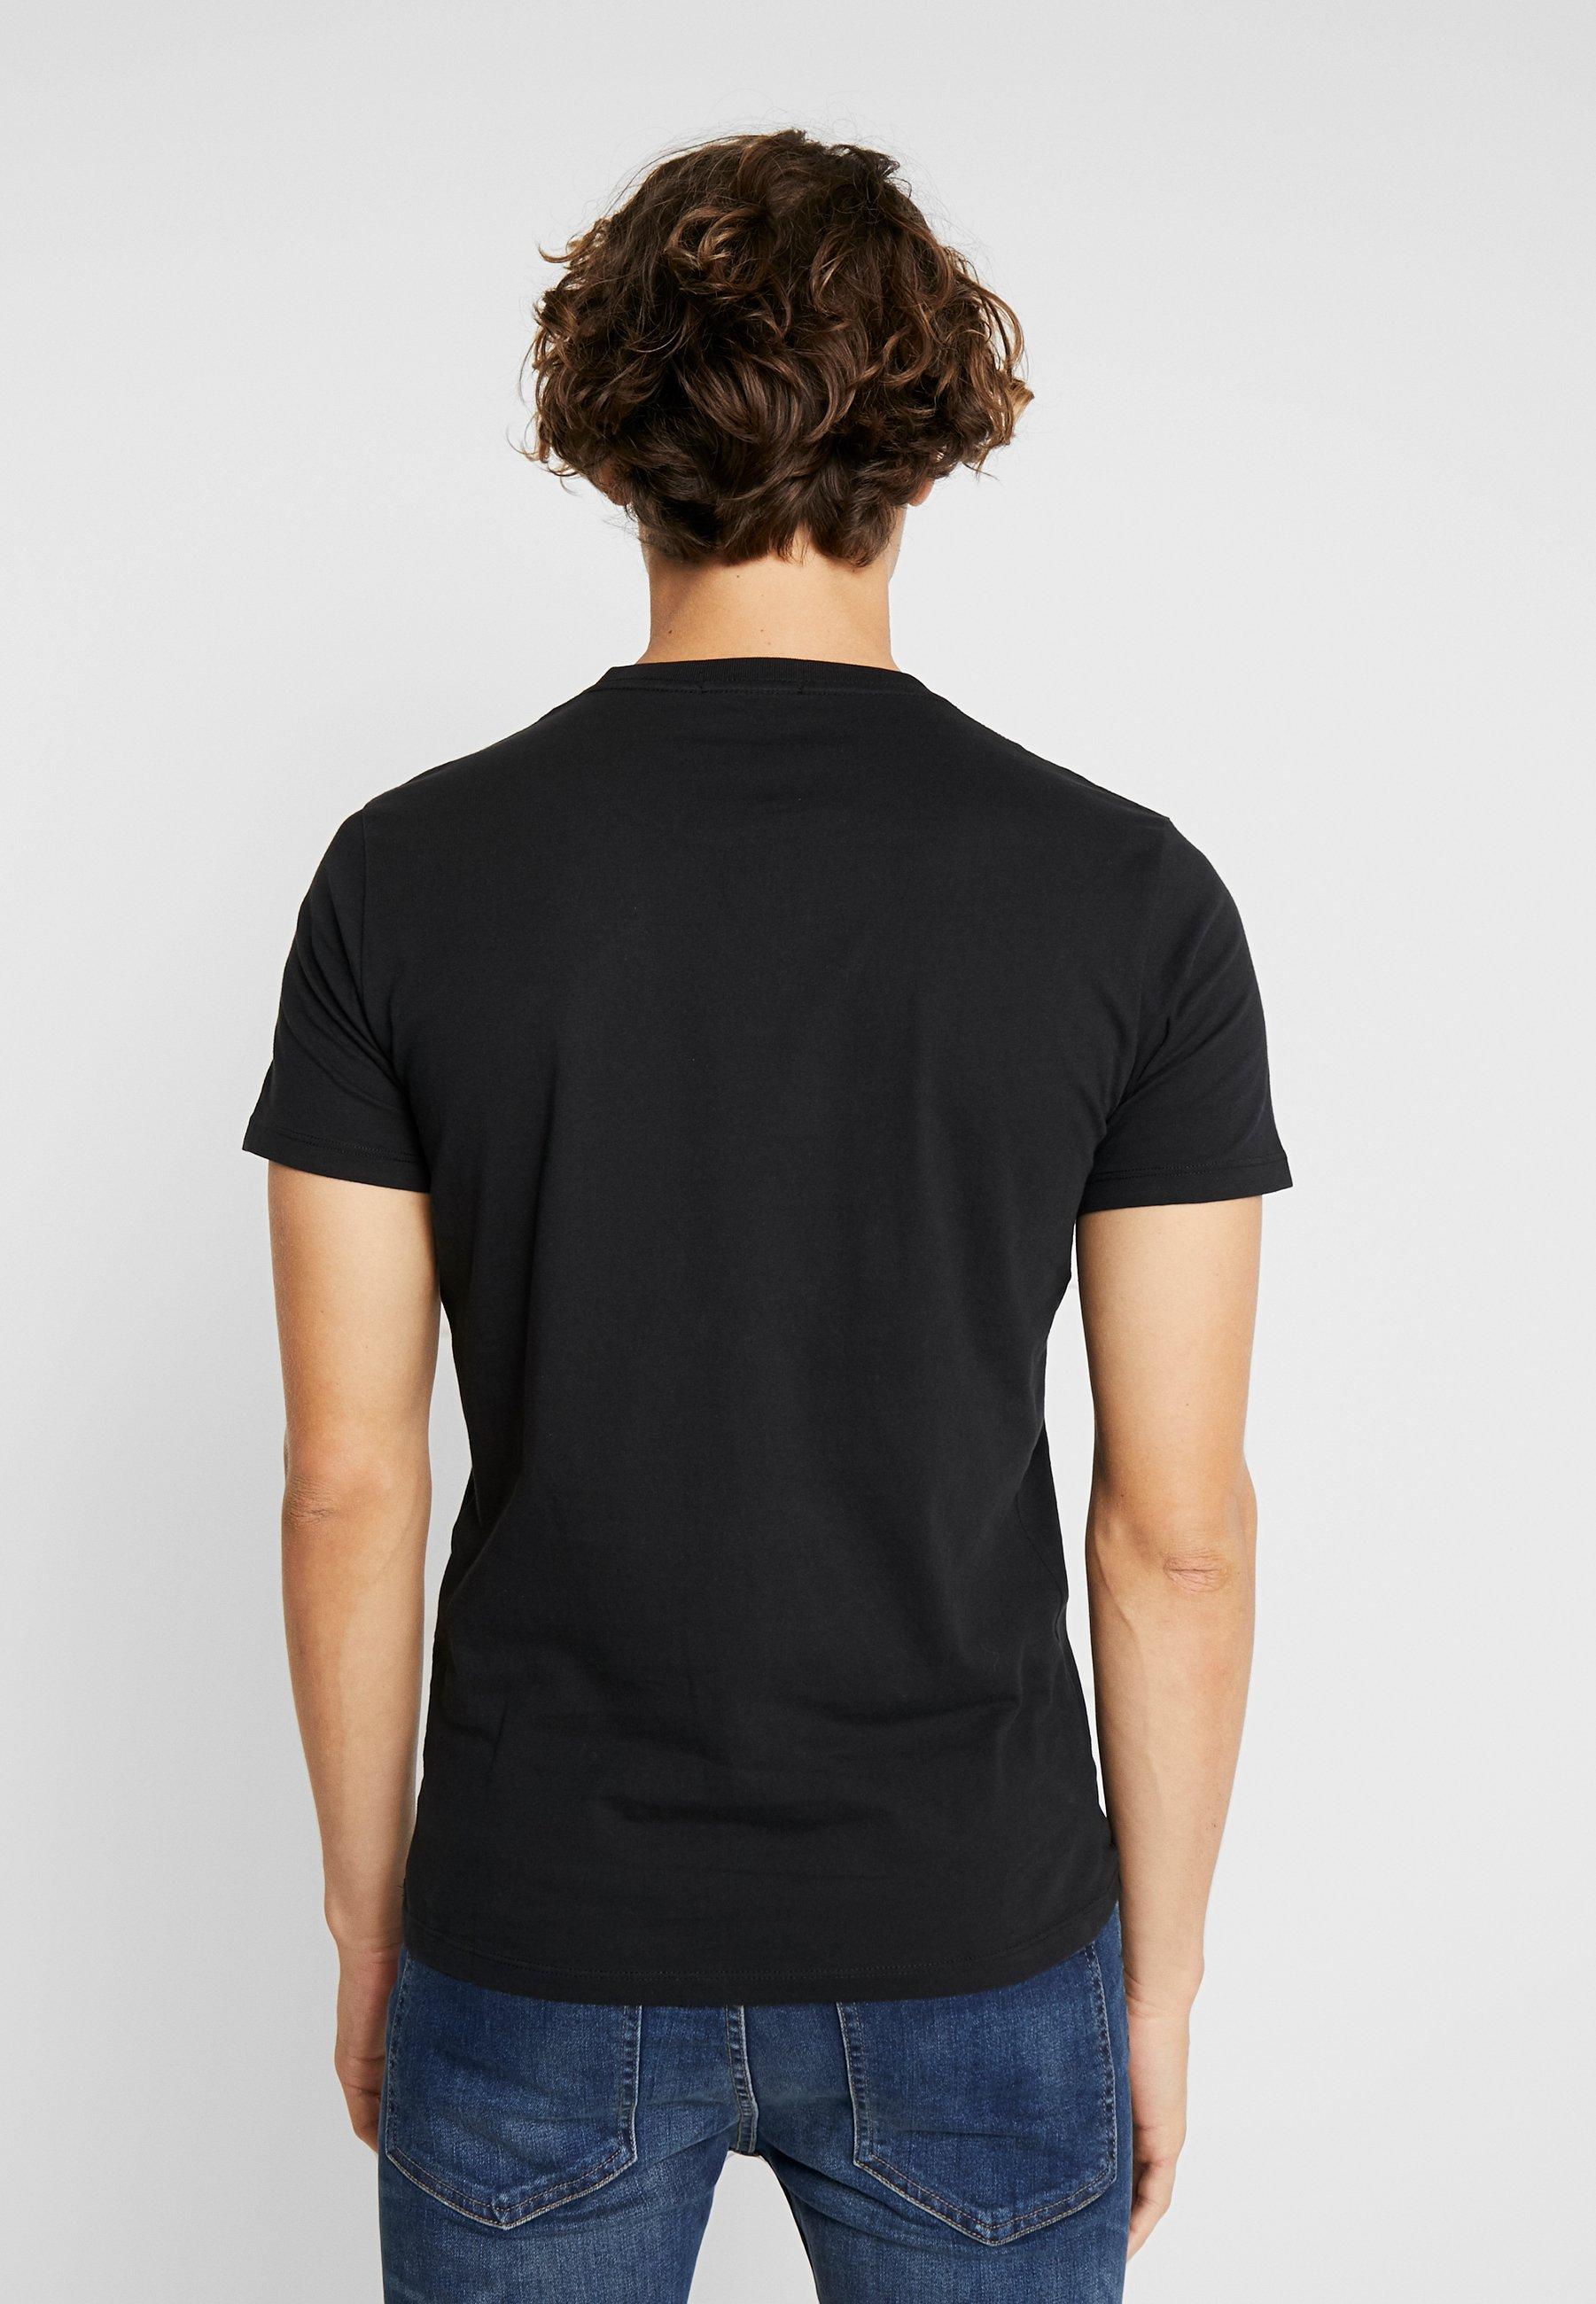 T Replay ImpriméBlack ImpriméBlack T shirt Replay T ImpriméBlack Replay T Replay shirt shirt Rjq53Ac4L